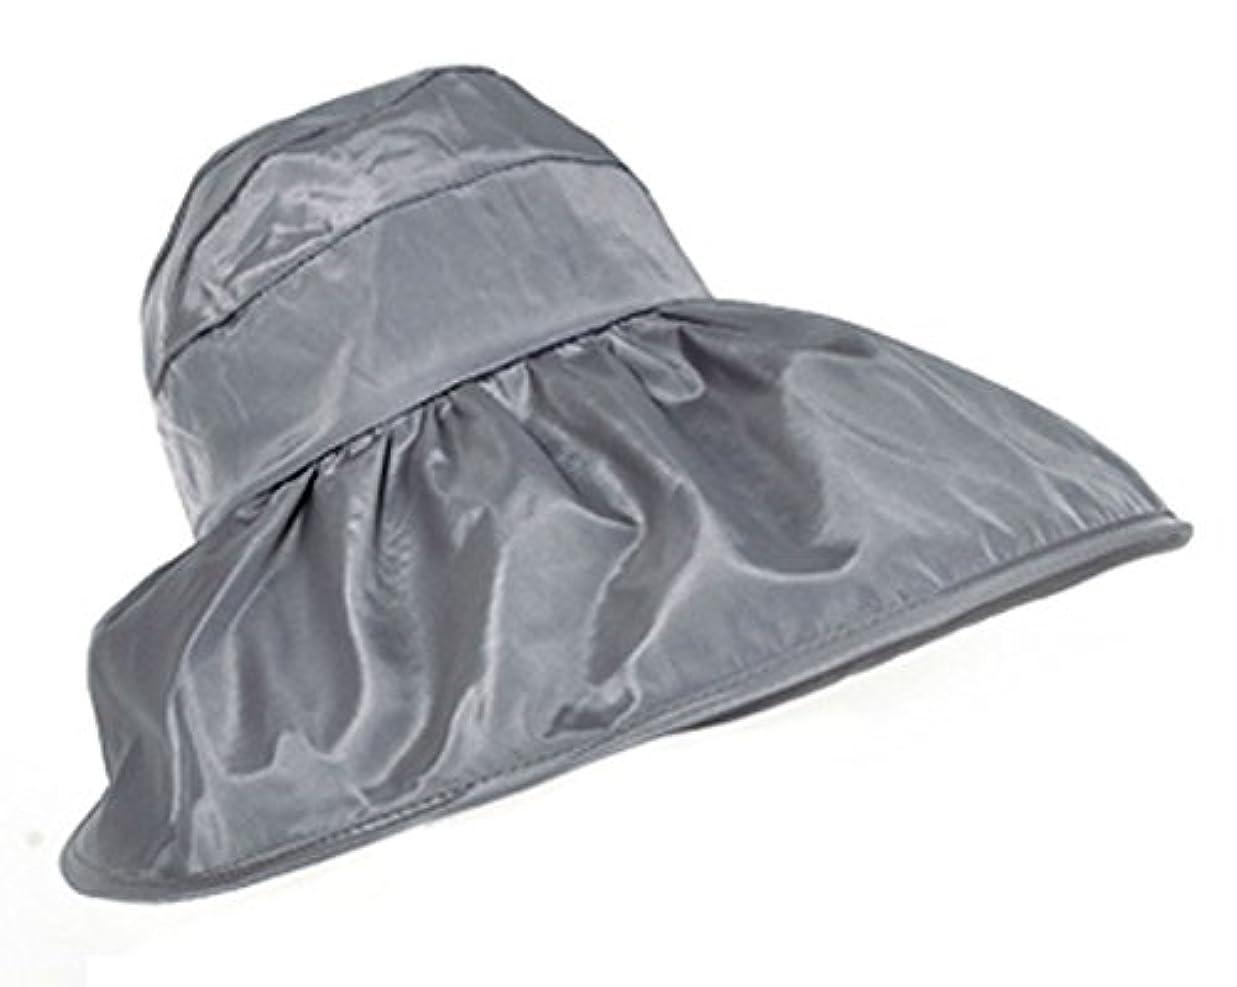 人に関する限り抑圧分散FakeFace 夏 レディース 帽子 UVカット サンバイザー 紫外線対策 日よけ帽子 つば広 オシャレ ケープ ハット 日よけ 折りたたみ 防水 カジュアル 海 農作業 ぼうし サイズ調節可